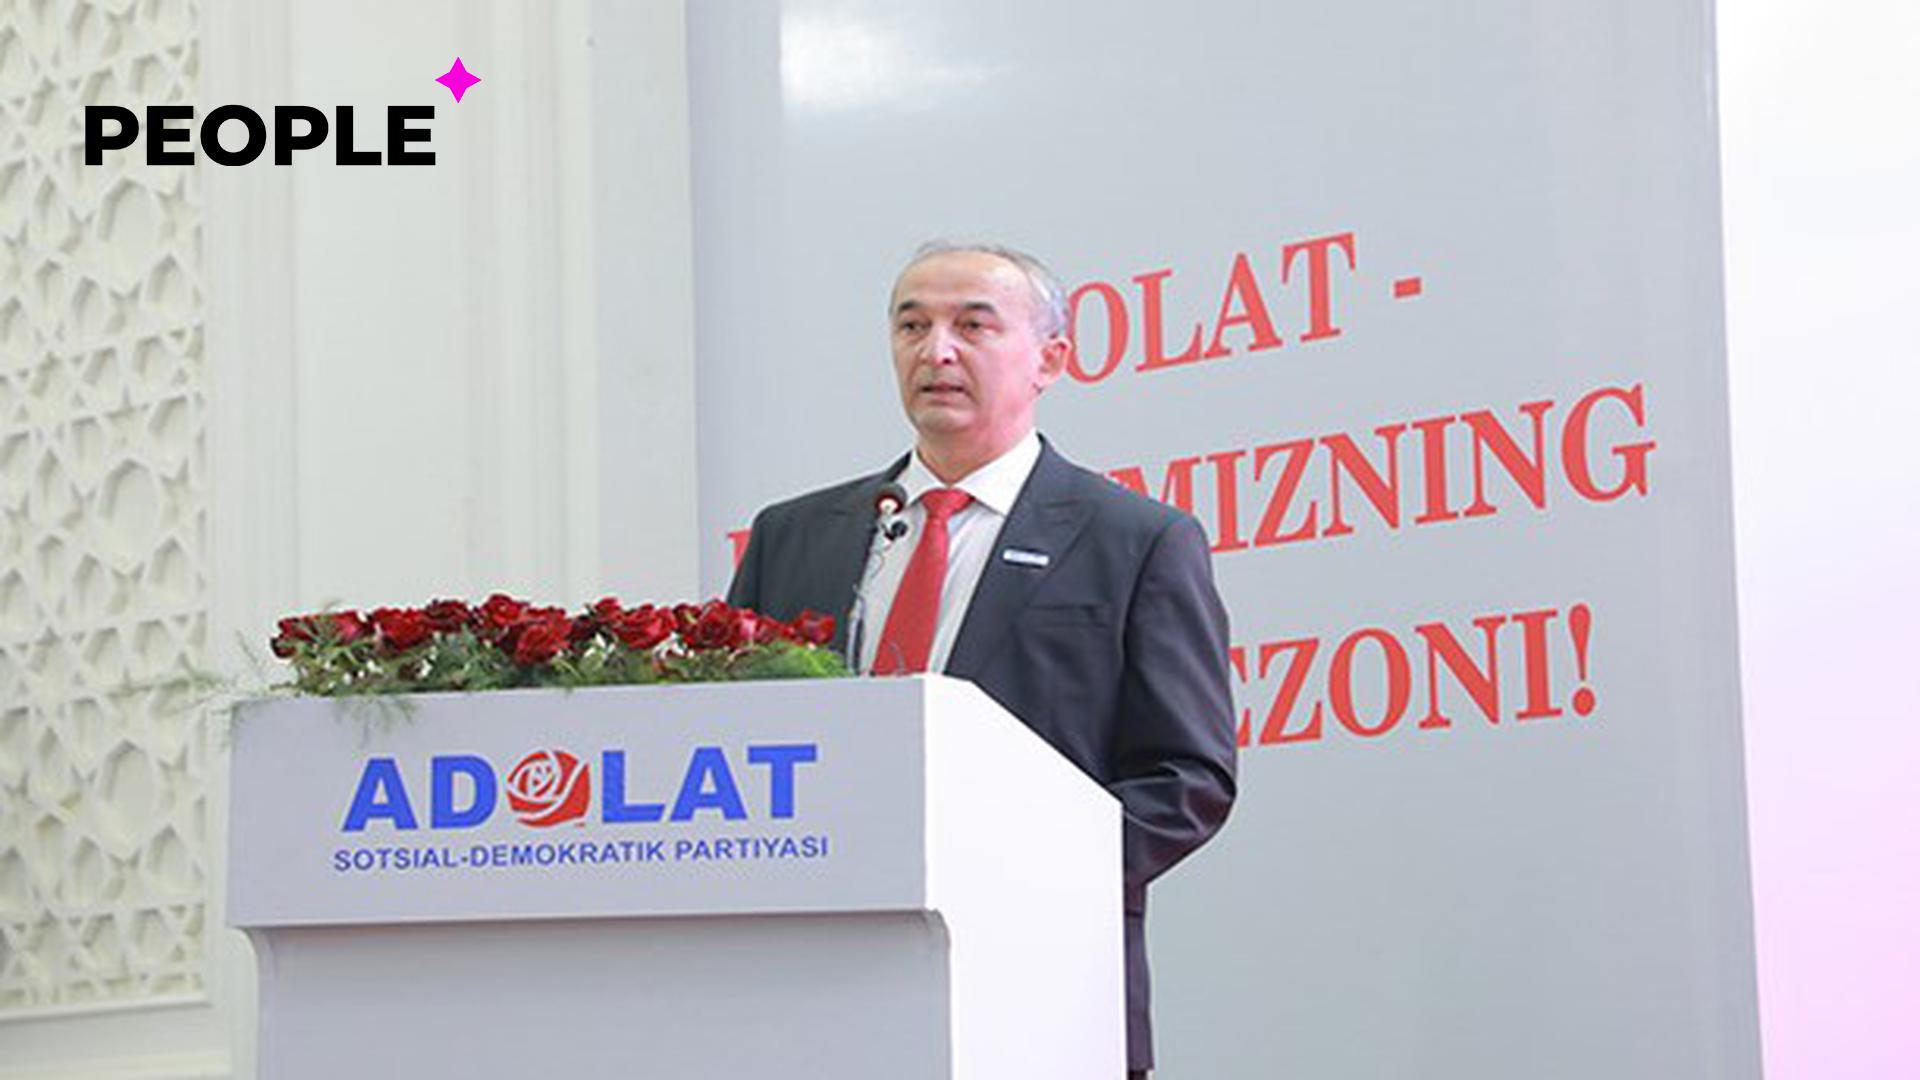 Кандидат от партии «Адолат» пообещал увеличить зарплату учителям и усилить медицину